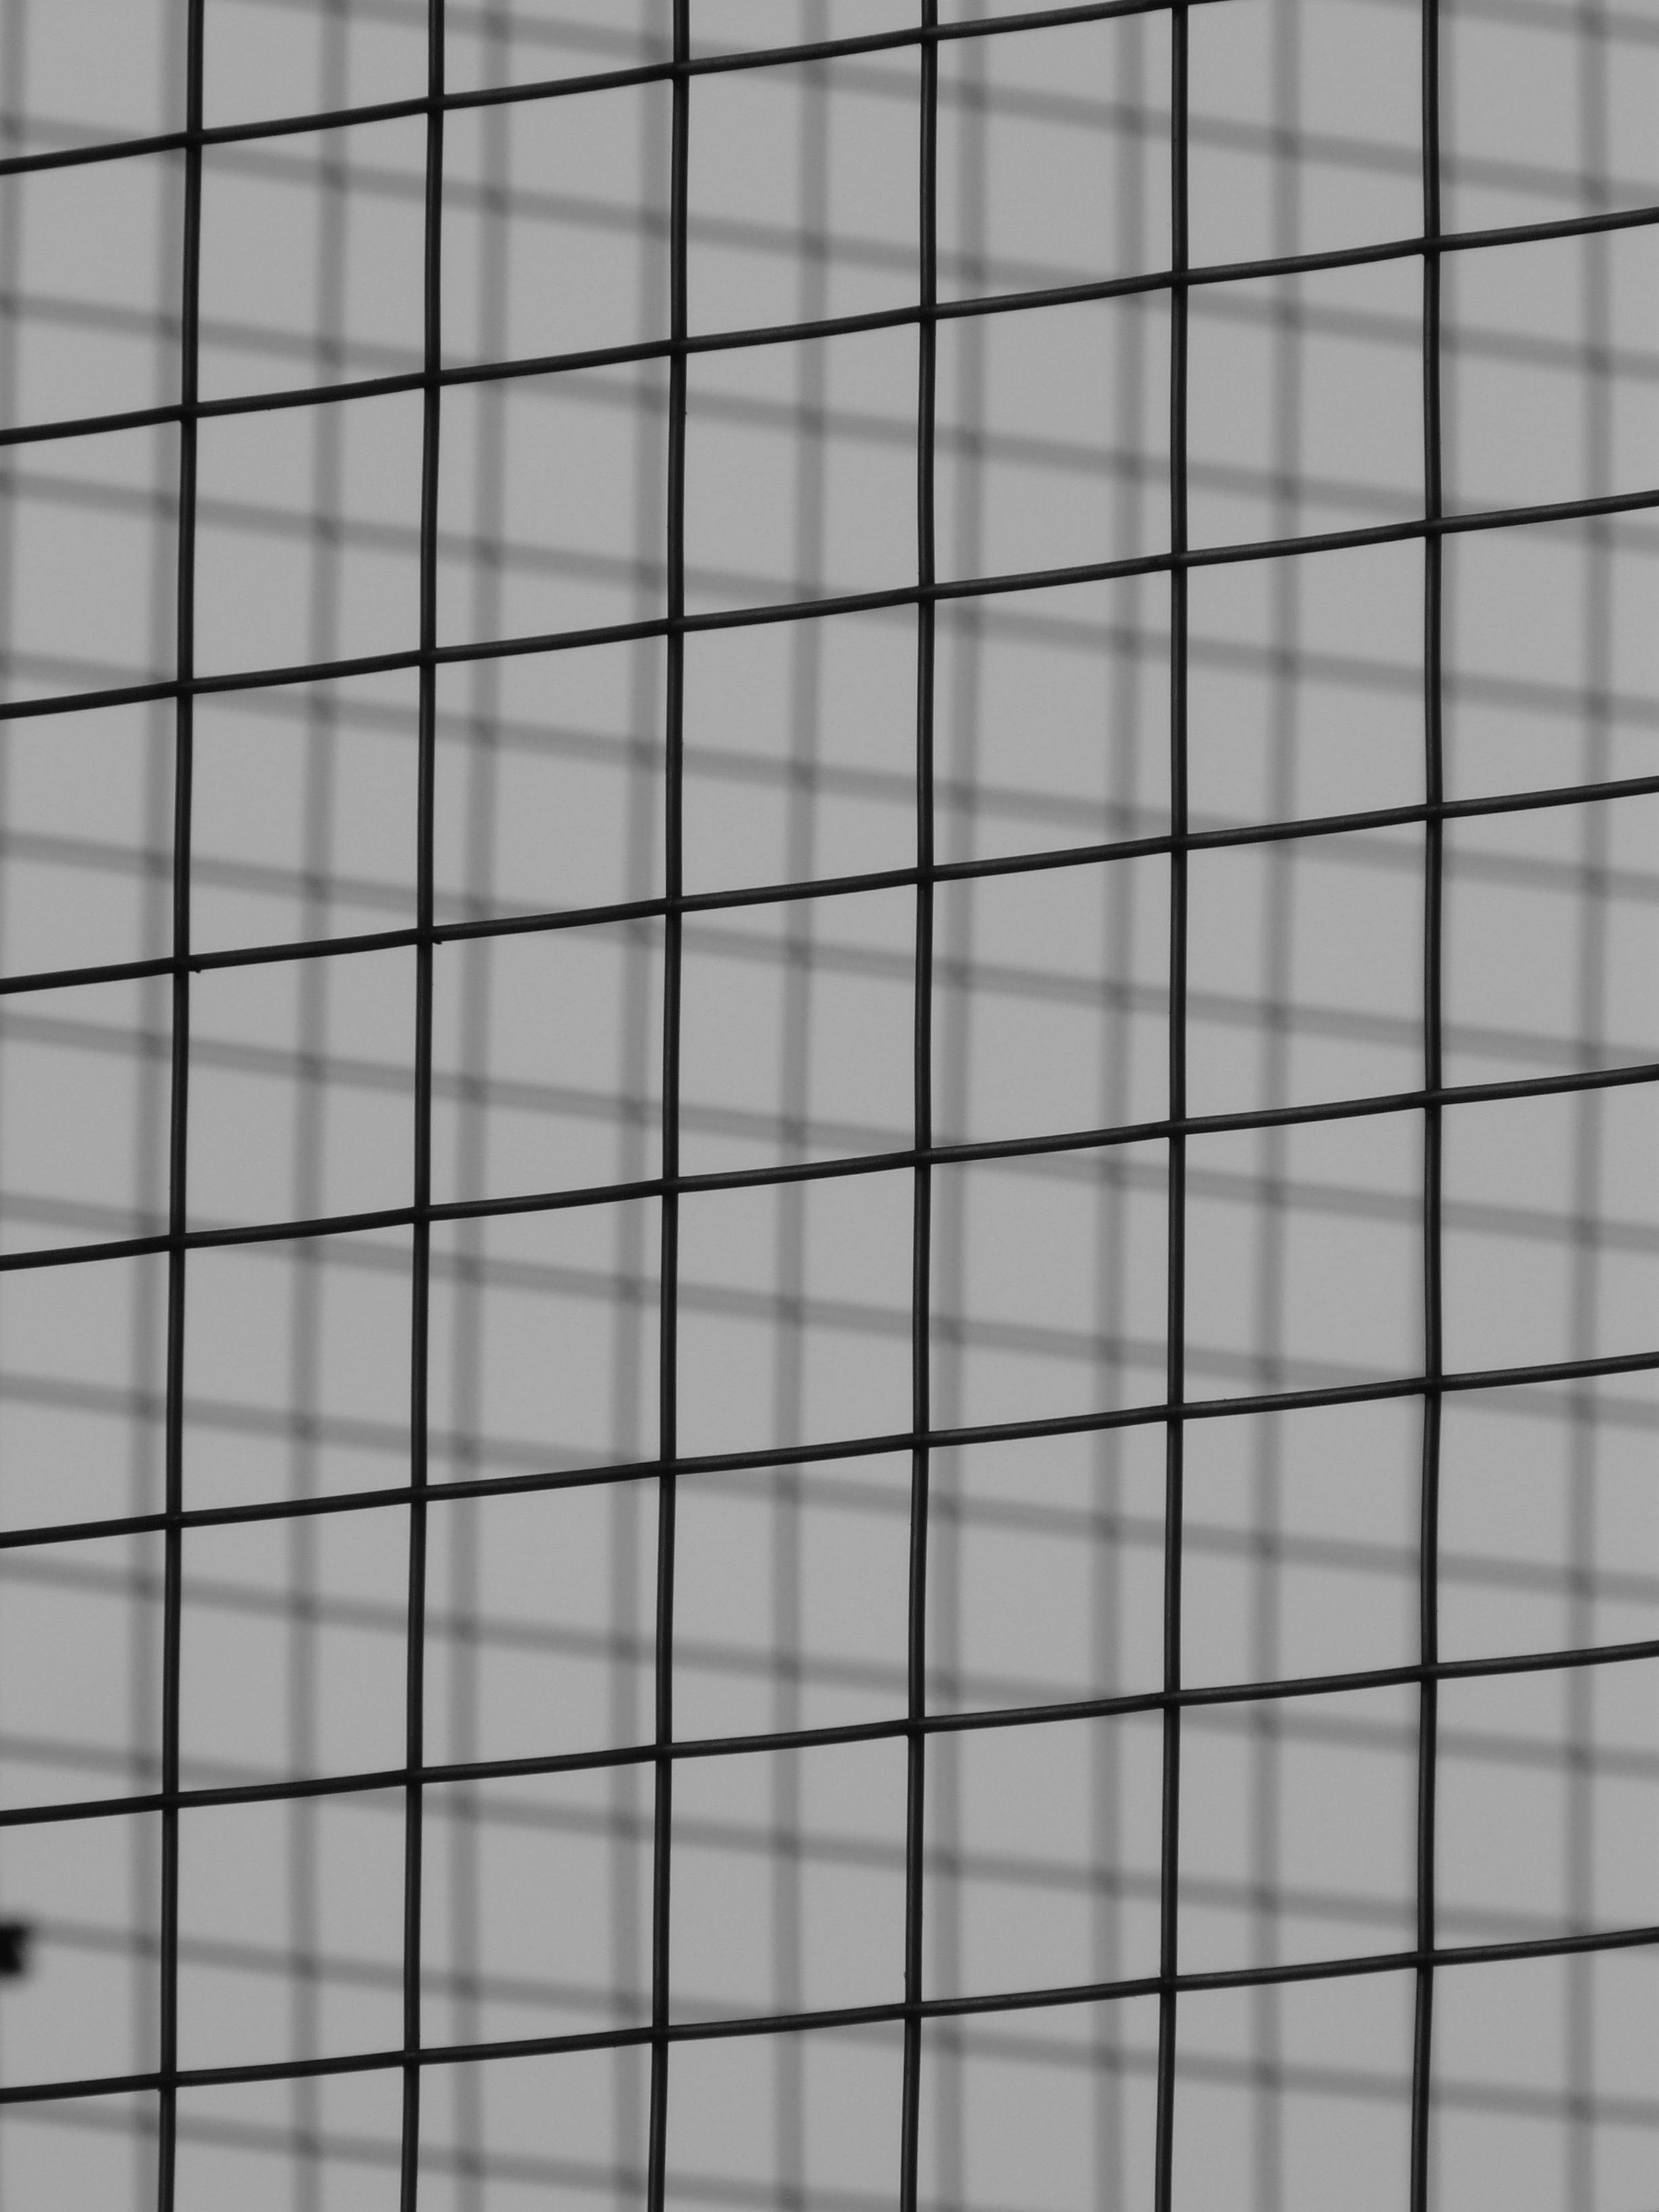 Kostenlose foto : Schwarz und weiß, Stock, Draht, Linie, Metall ...